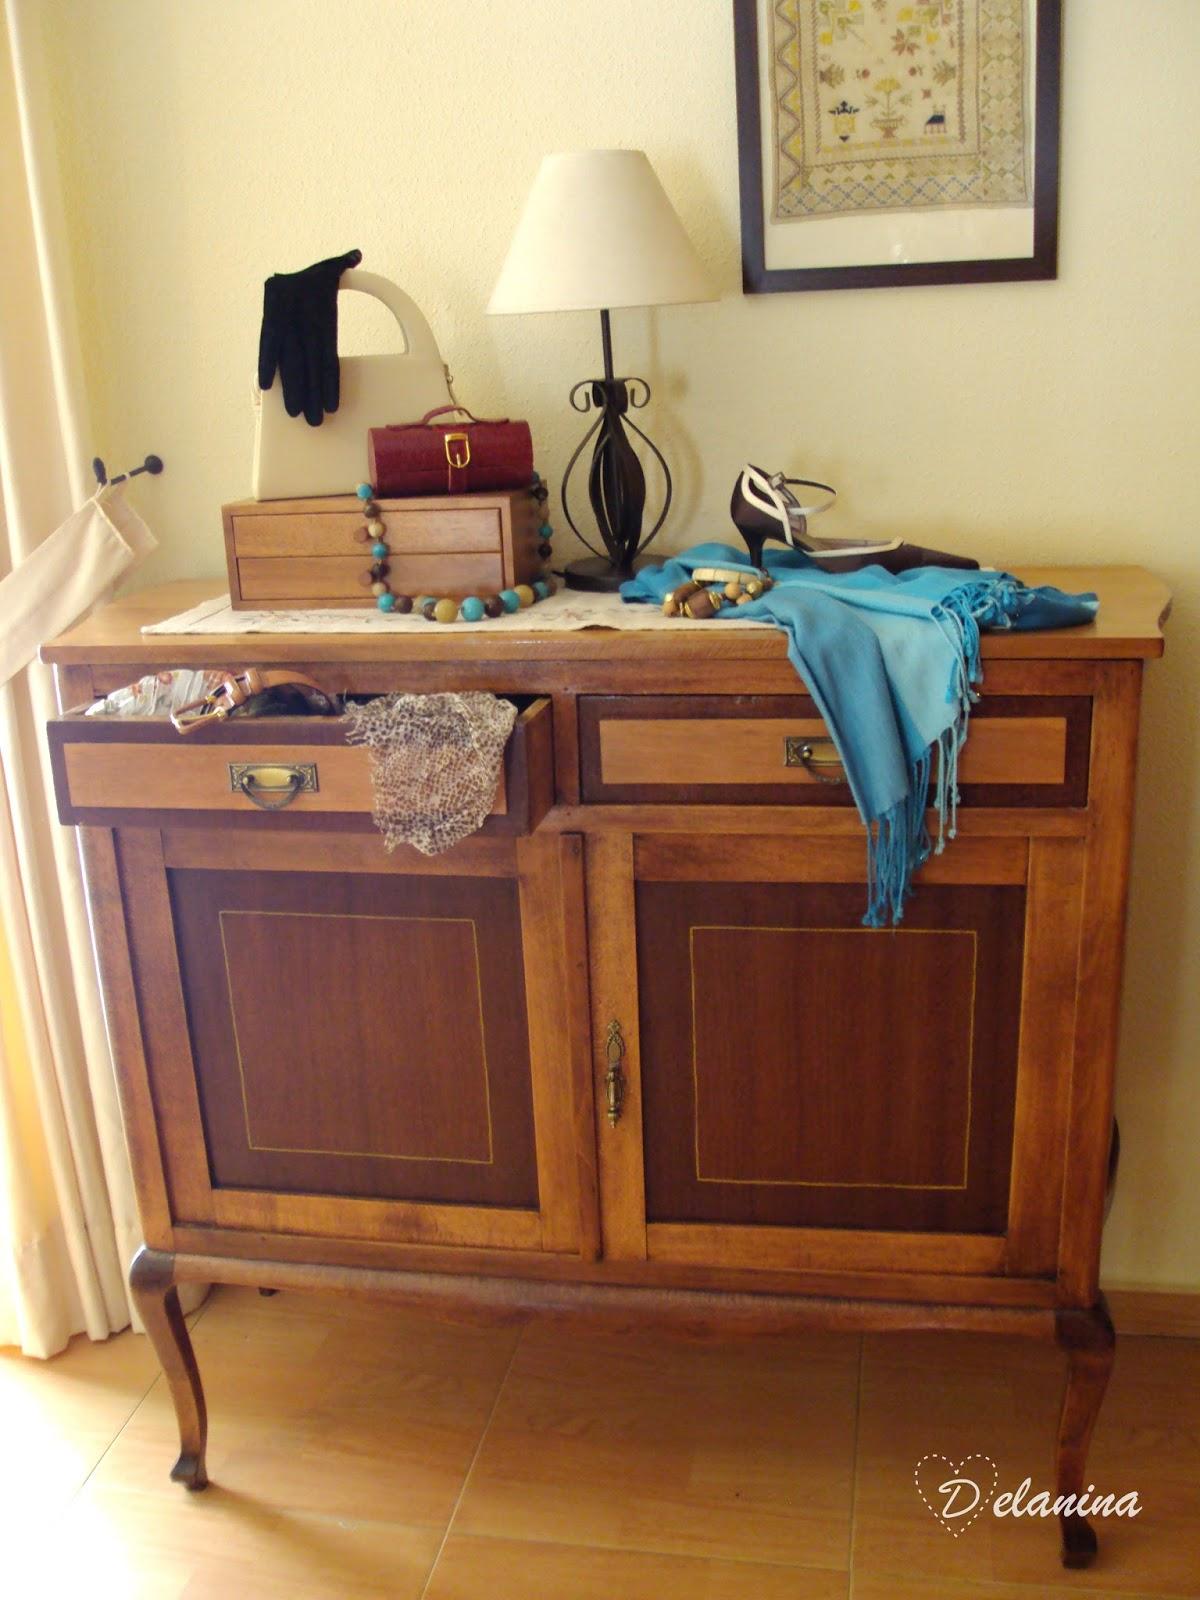 Restaurar un viejo aparador y convertirlo en un mueble for Como restaurar un mueble viejo